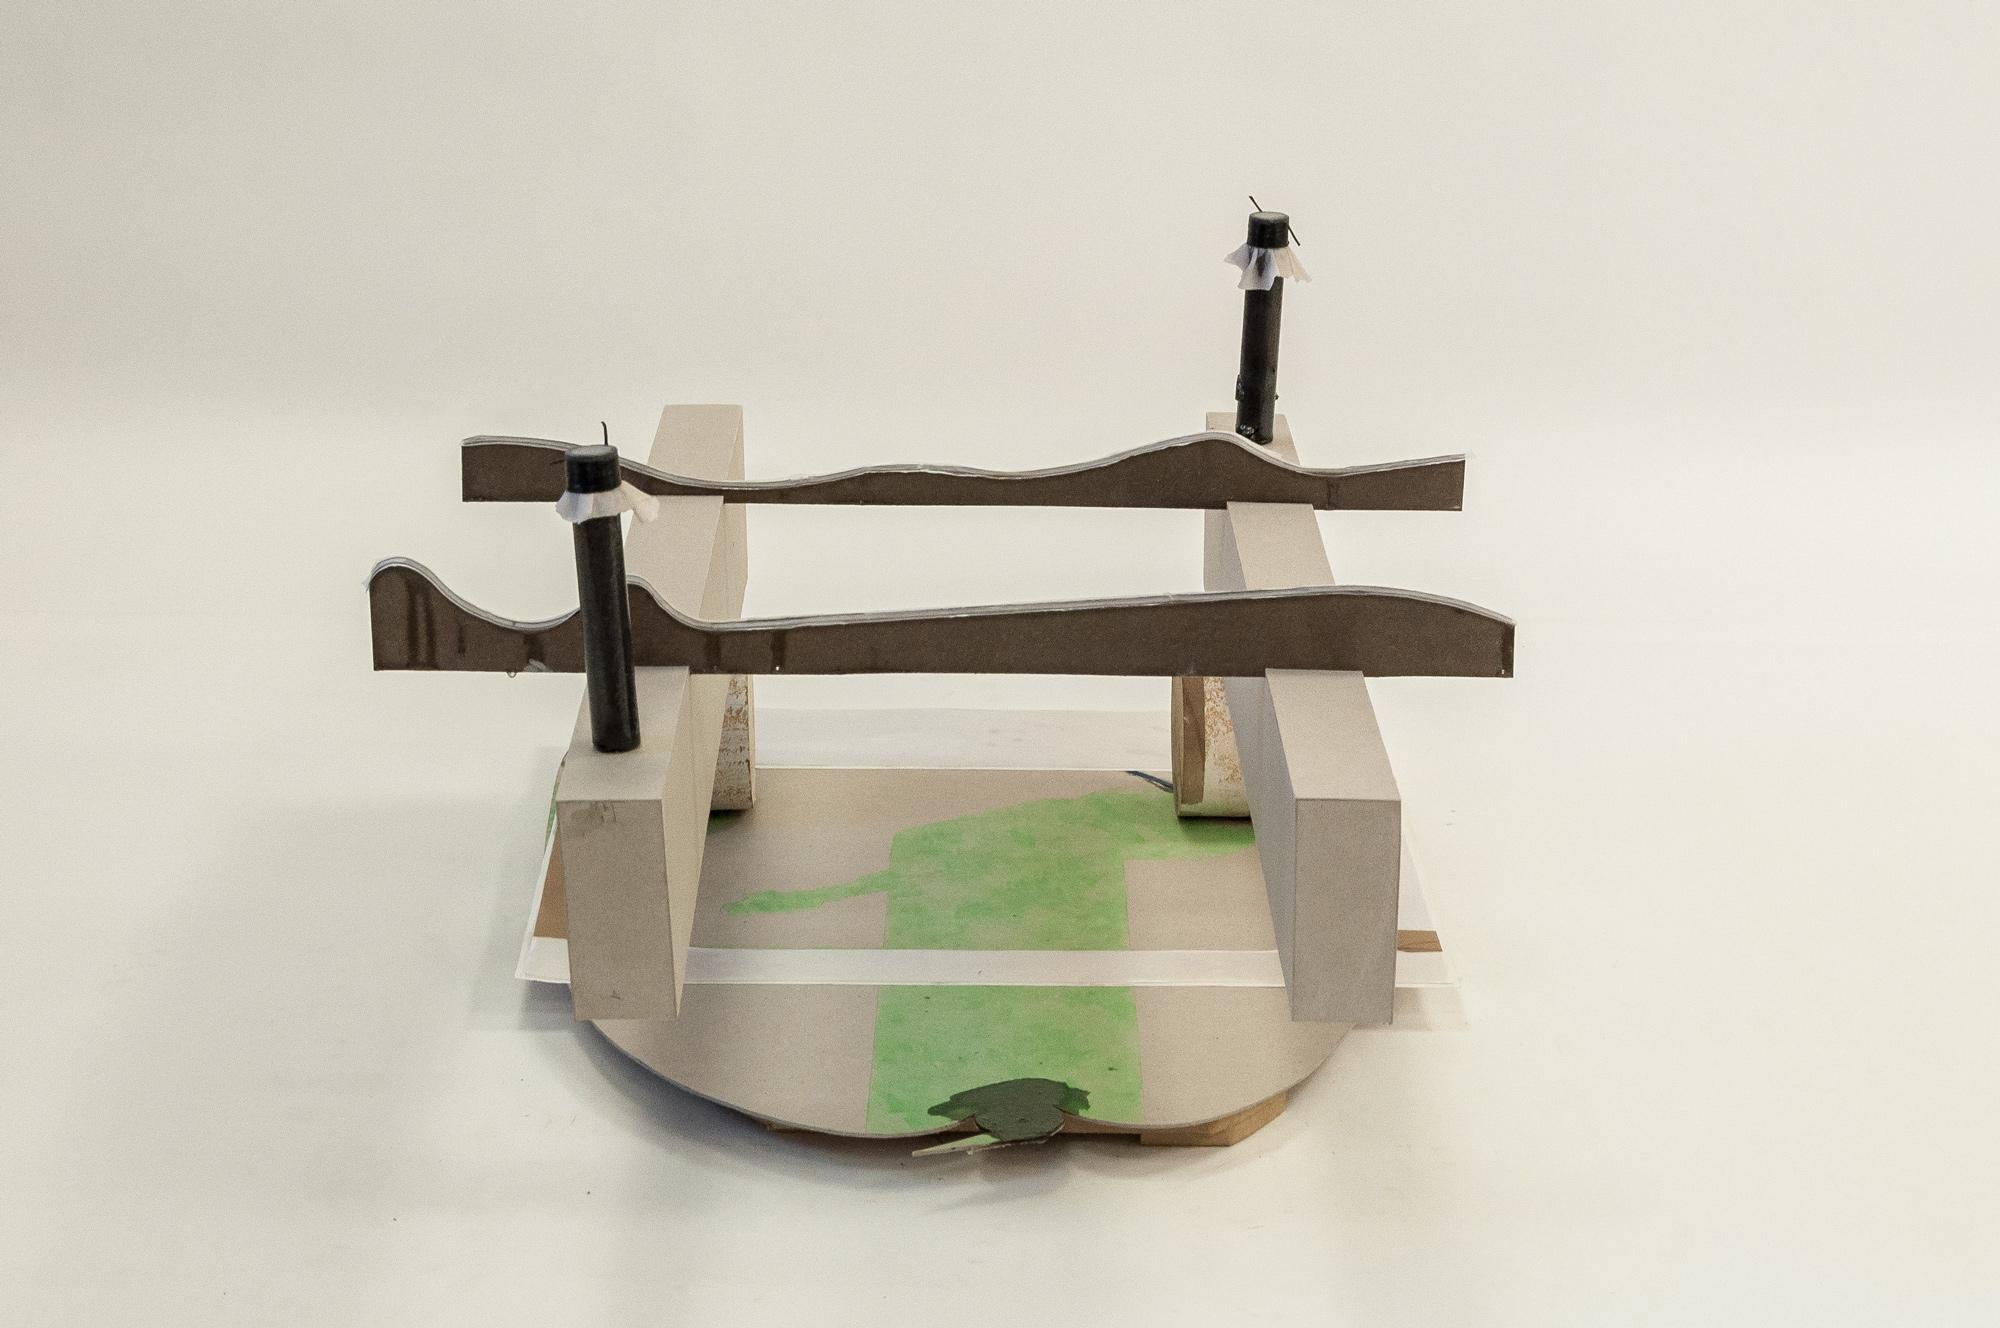 штром │ metal, wood, plastic, cardboard, paper, fabric │ 2020 │ 38cm x 55cm x 75cm